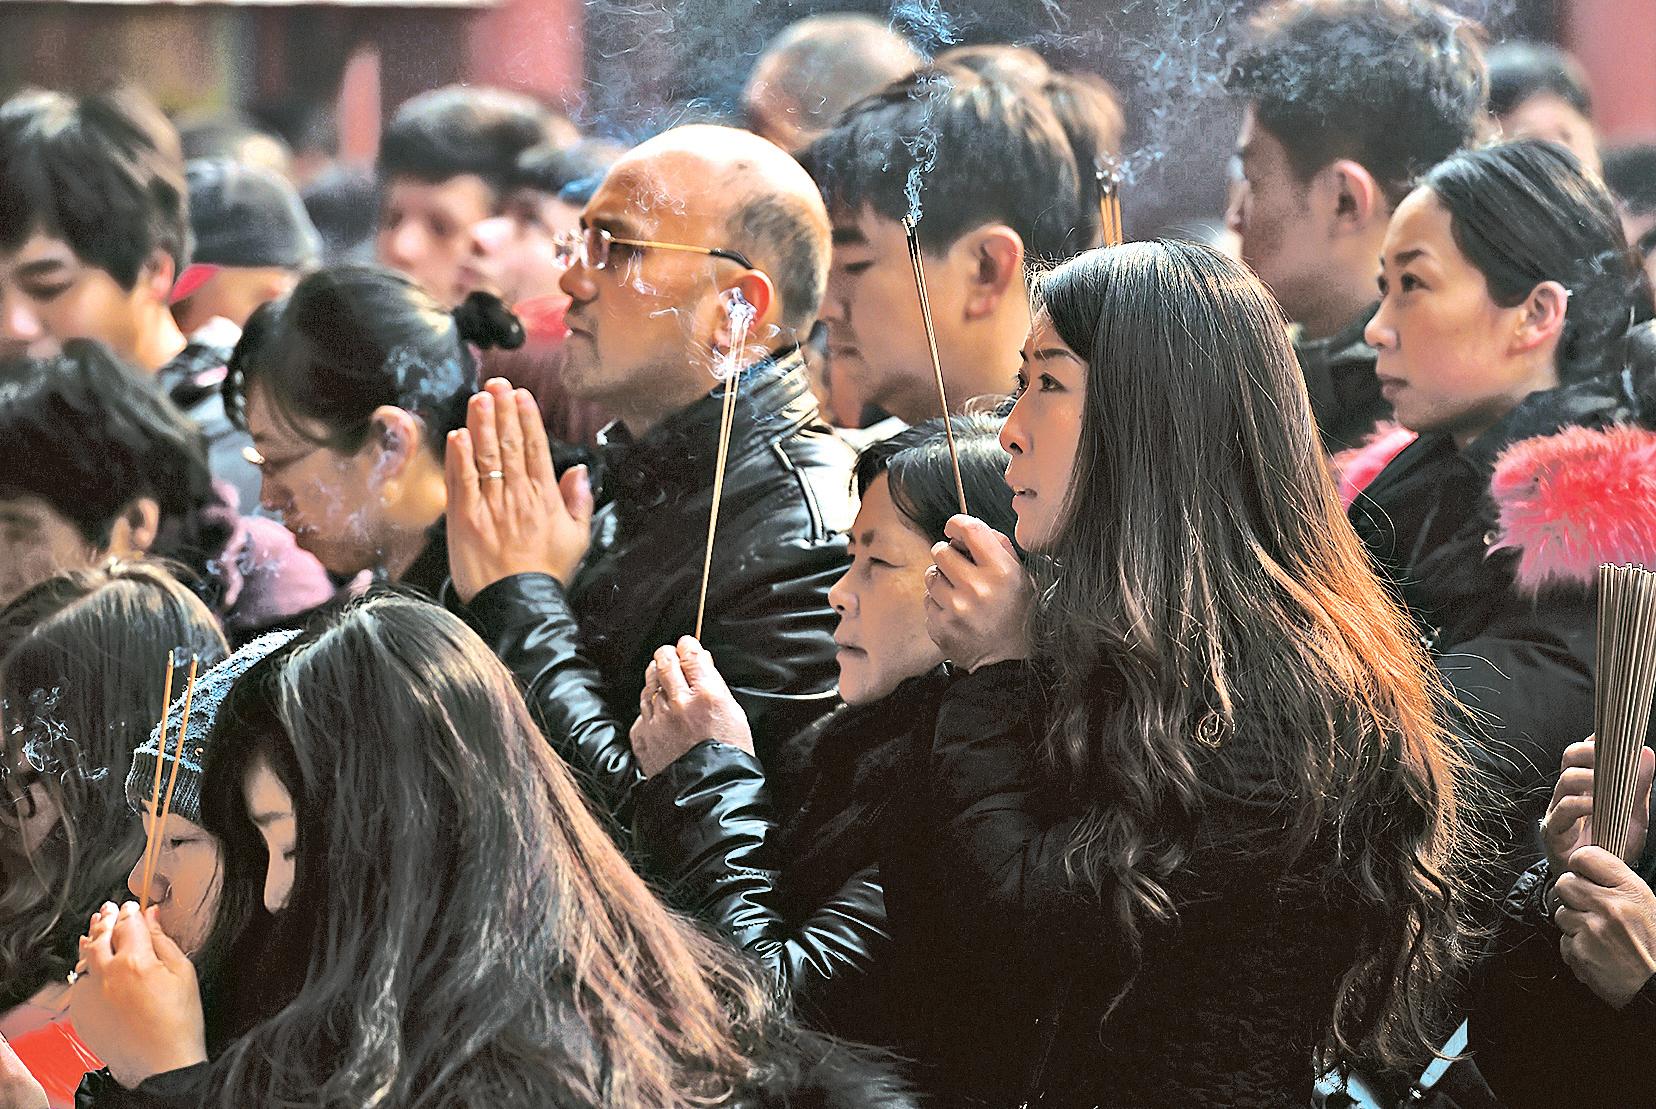 █中共在風雨飄搖下走過2016年。上海維權律師鄭恩寵表示,中共專制下,社會已走入四個全面階段:全面腐敗、全面污染、全面二極分化、全面失去人心。圖為北京民眾新年祈福。(Getty Images)